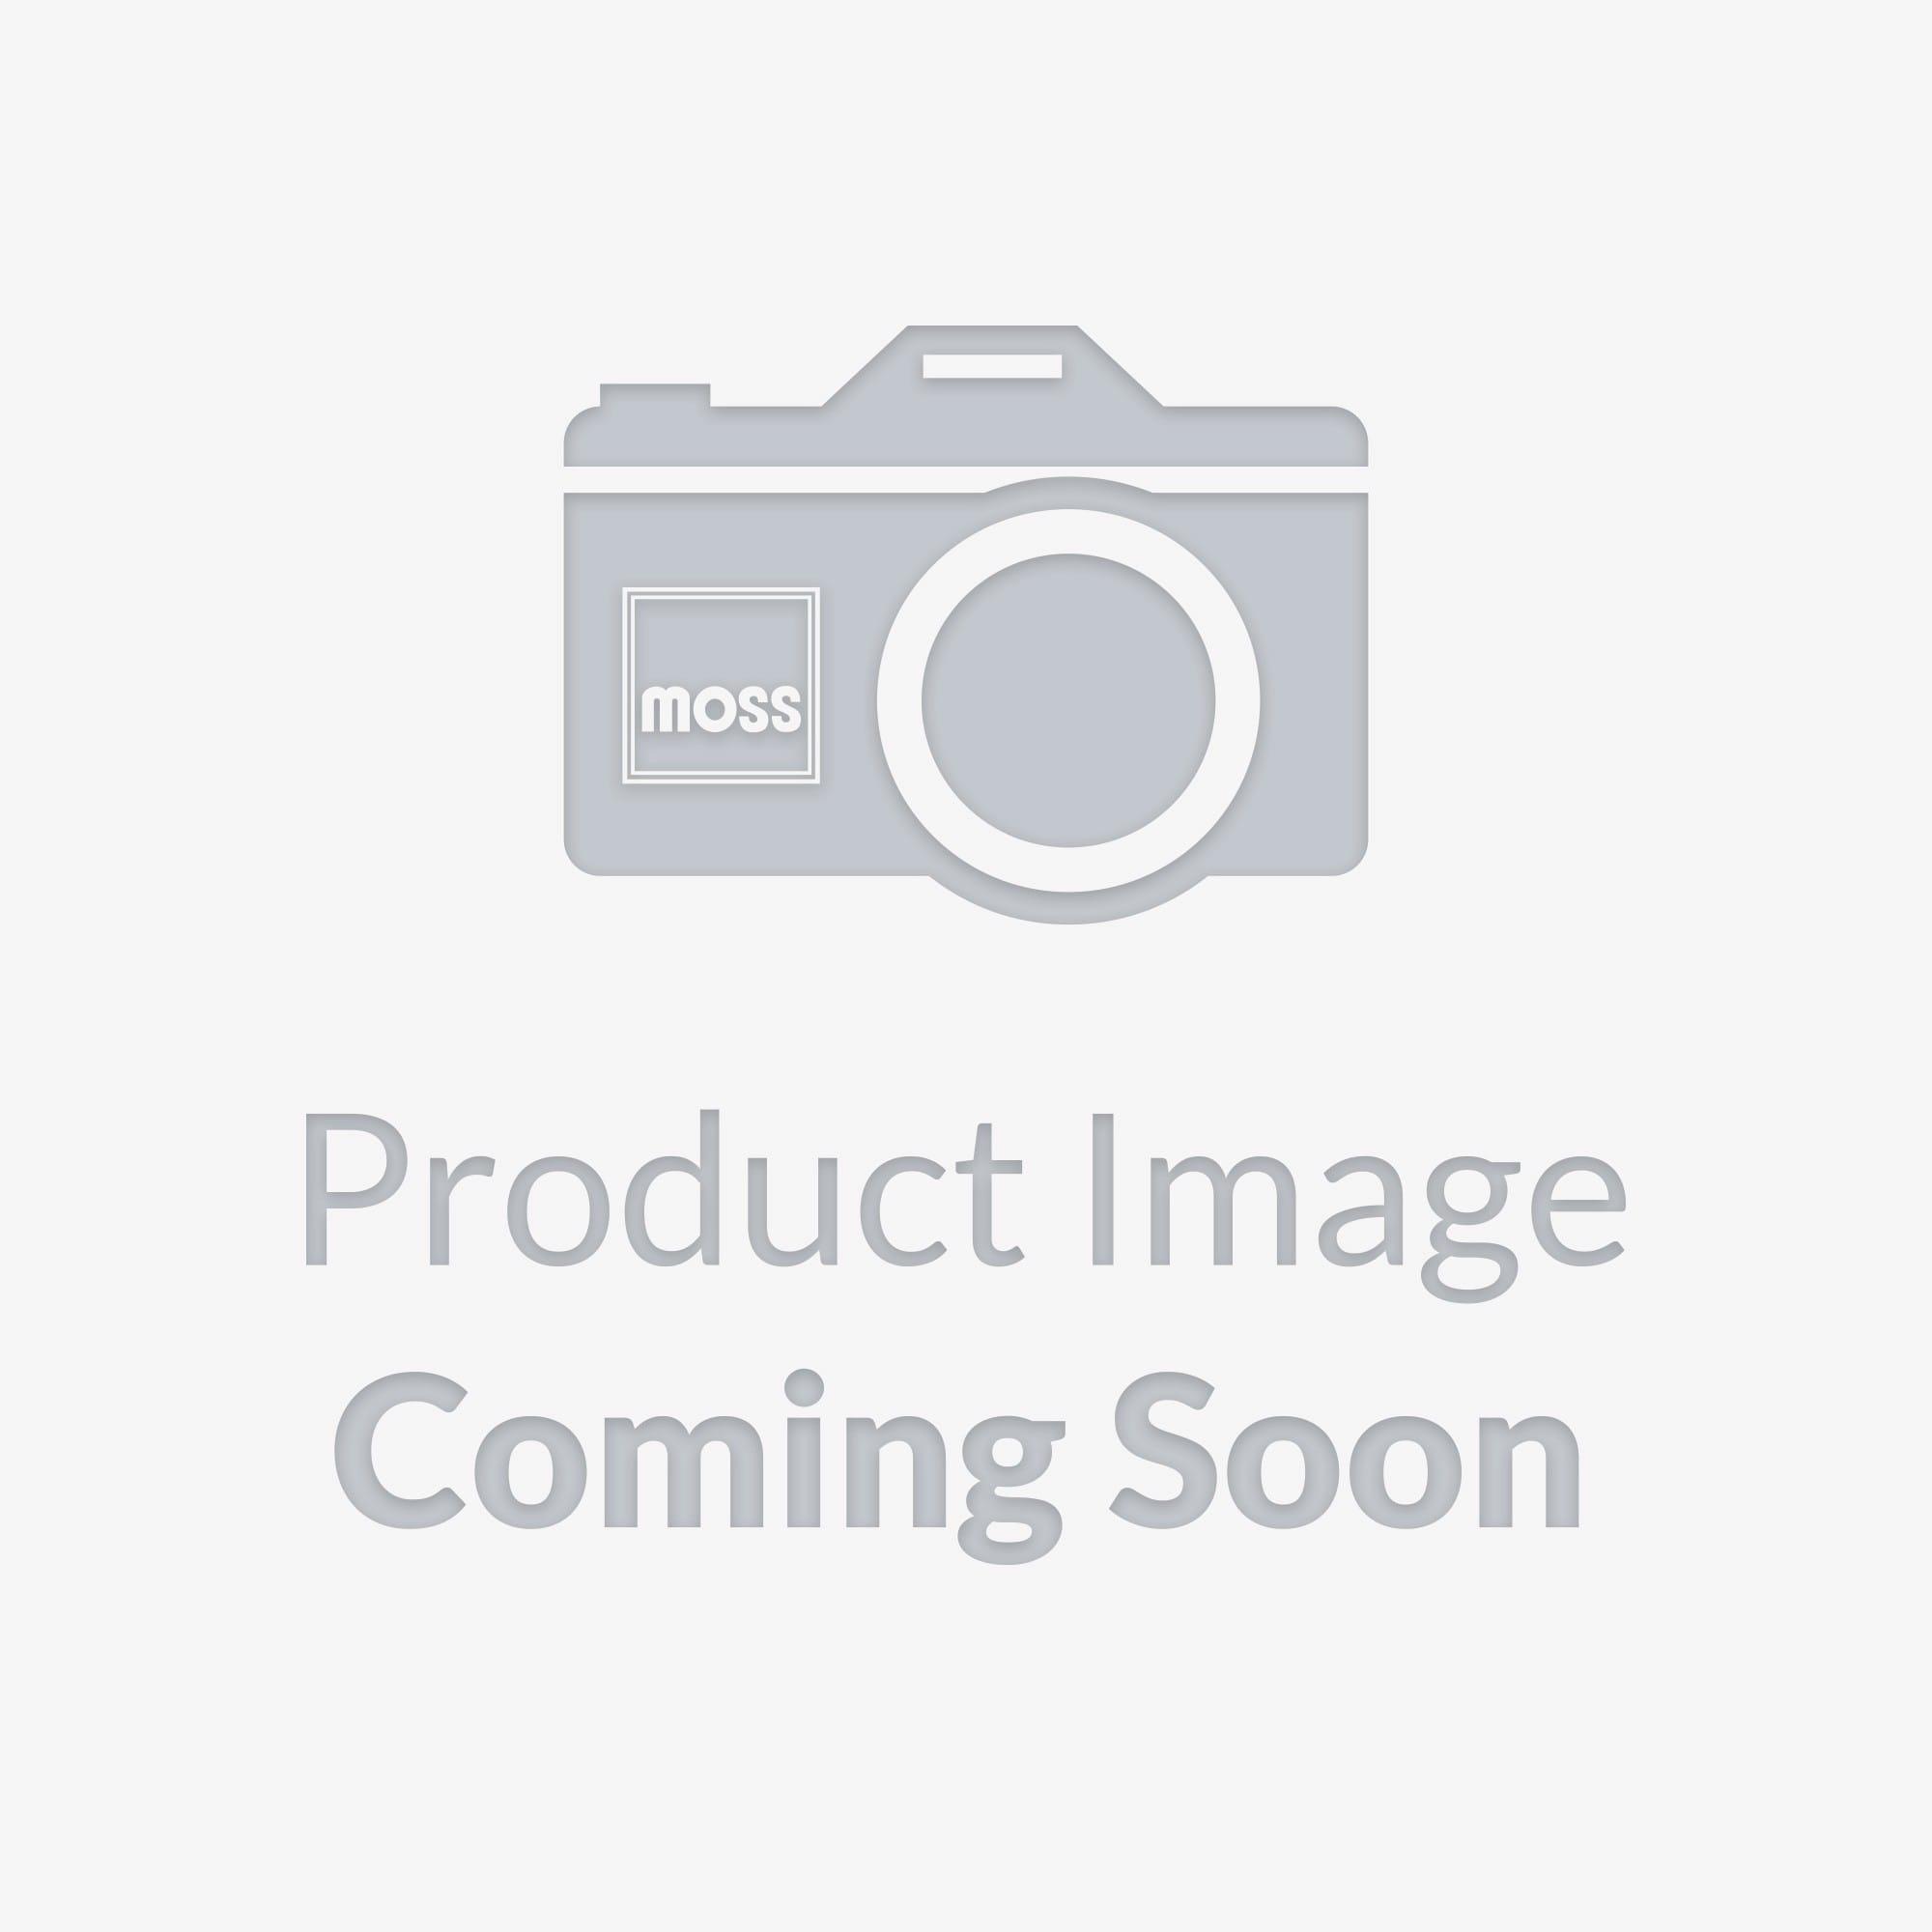 560-100 FUSE BOX, Lucar terminals Moss Motors